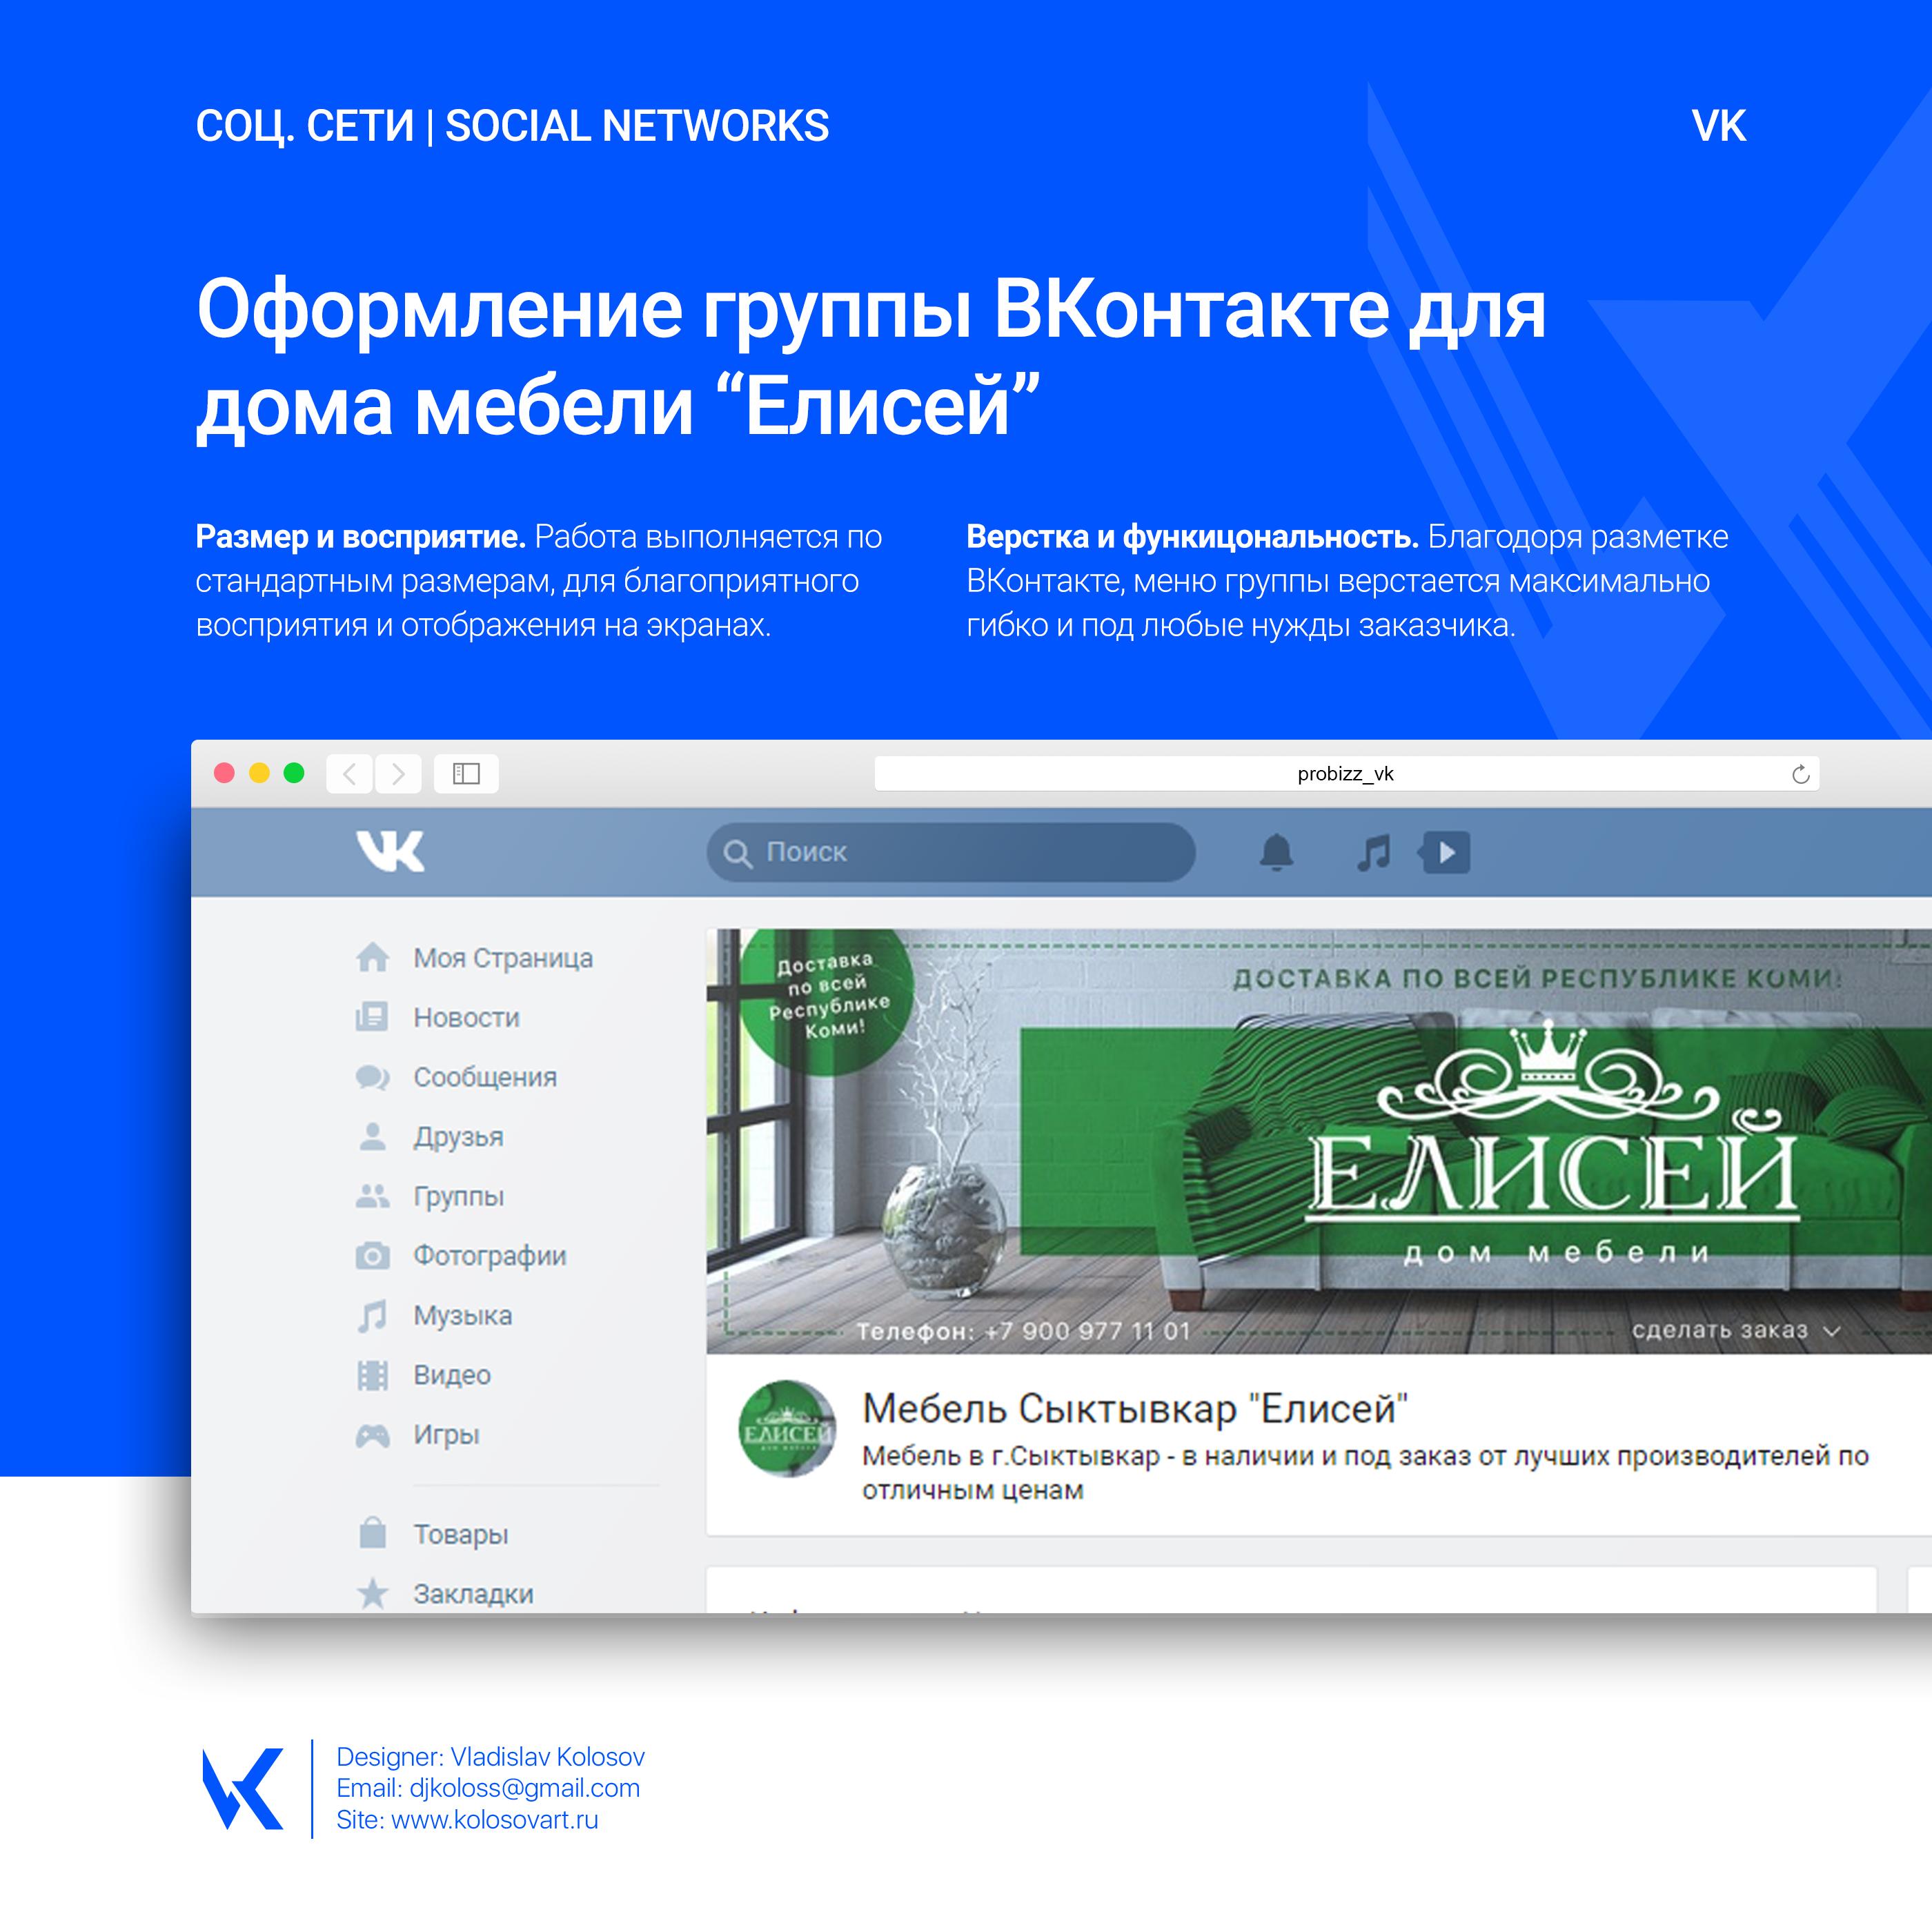 """Оформление группы ВКонтакте для дома мебели """"Елисей"""""""